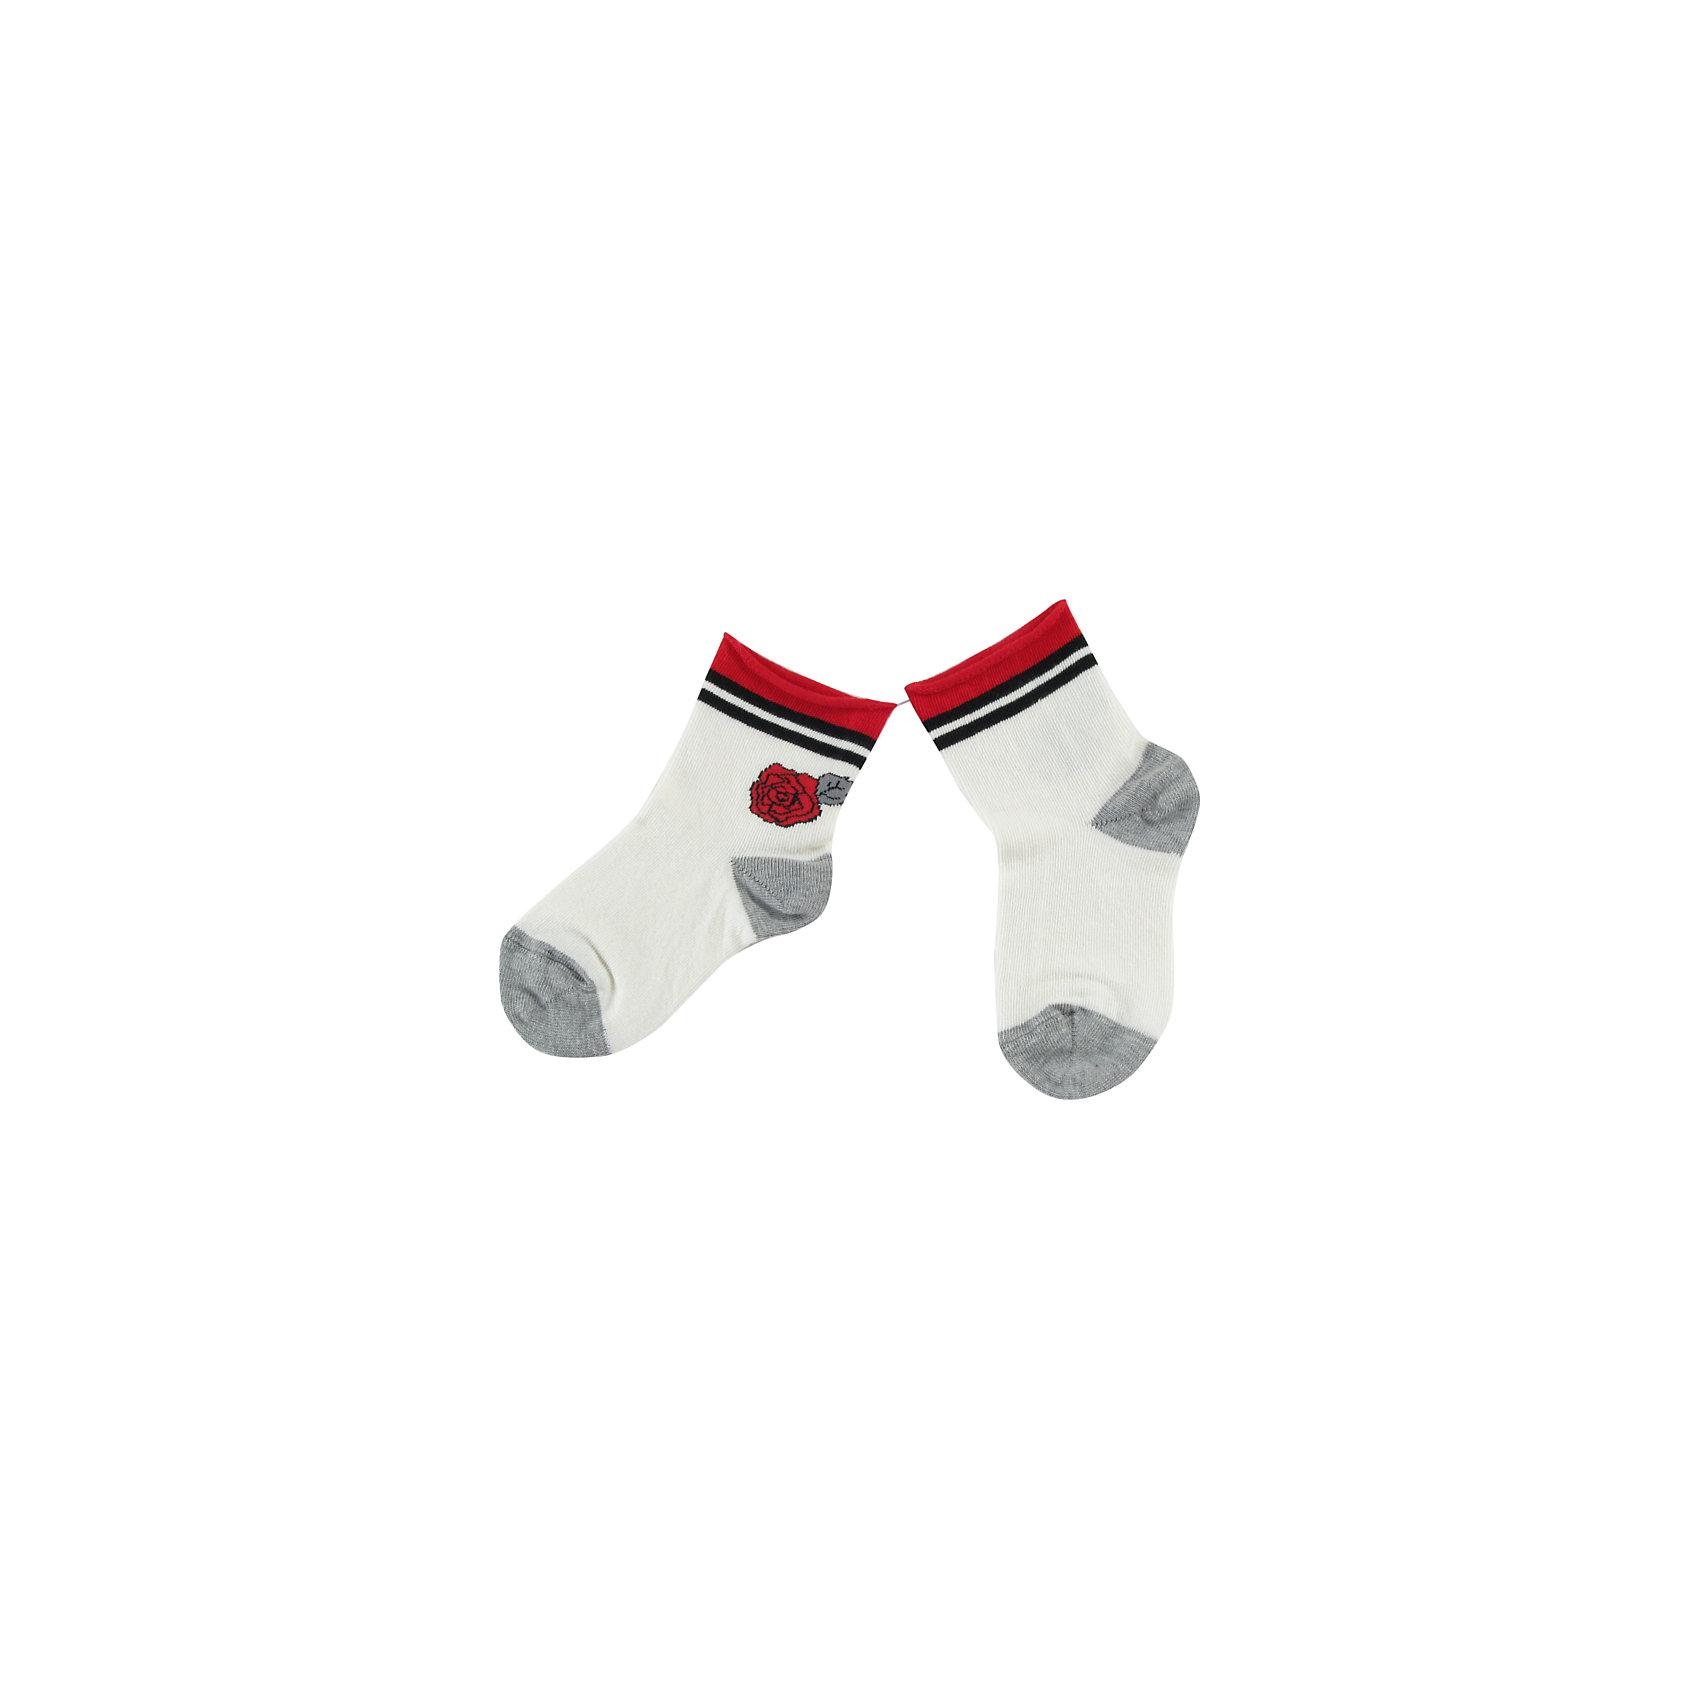 Носки для девочки WojcikНоски<br>Характеристики товара:<br><br>• цвет: белый<br>• состав ткани: хлопок 93%, полиамид 5%, эластан 2%<br>• сезон: круглый год<br>• страна бренда: Польша<br>• страна изготовитель: Польша<br><br>Красивые и удобные носки для девочки Wojcik сделаны преимущественно из натурального хлопка. Он позволяет коже дышать и обеспечивает комфорт. <br><br>Детские носки не давят на ногу благодаря мягкой резинке. Польская одежда для детей от бренда Войчик - это качественные и стильные вещи.<br><br>Носки для девочки Wojcik (Войчик) можно купить в нашем интернет-магазине.<br><br>Ширина мм: 87<br>Глубина мм: 10<br>Высота мм: 105<br>Вес г: 115<br>Цвет: кремовый<br>Возраст от месяцев: 6<br>Возраст до месяцев: 12<br>Пол: Женский<br>Возраст: Детский<br>Размер: 19/20,17/18<br>SKU: 5588523